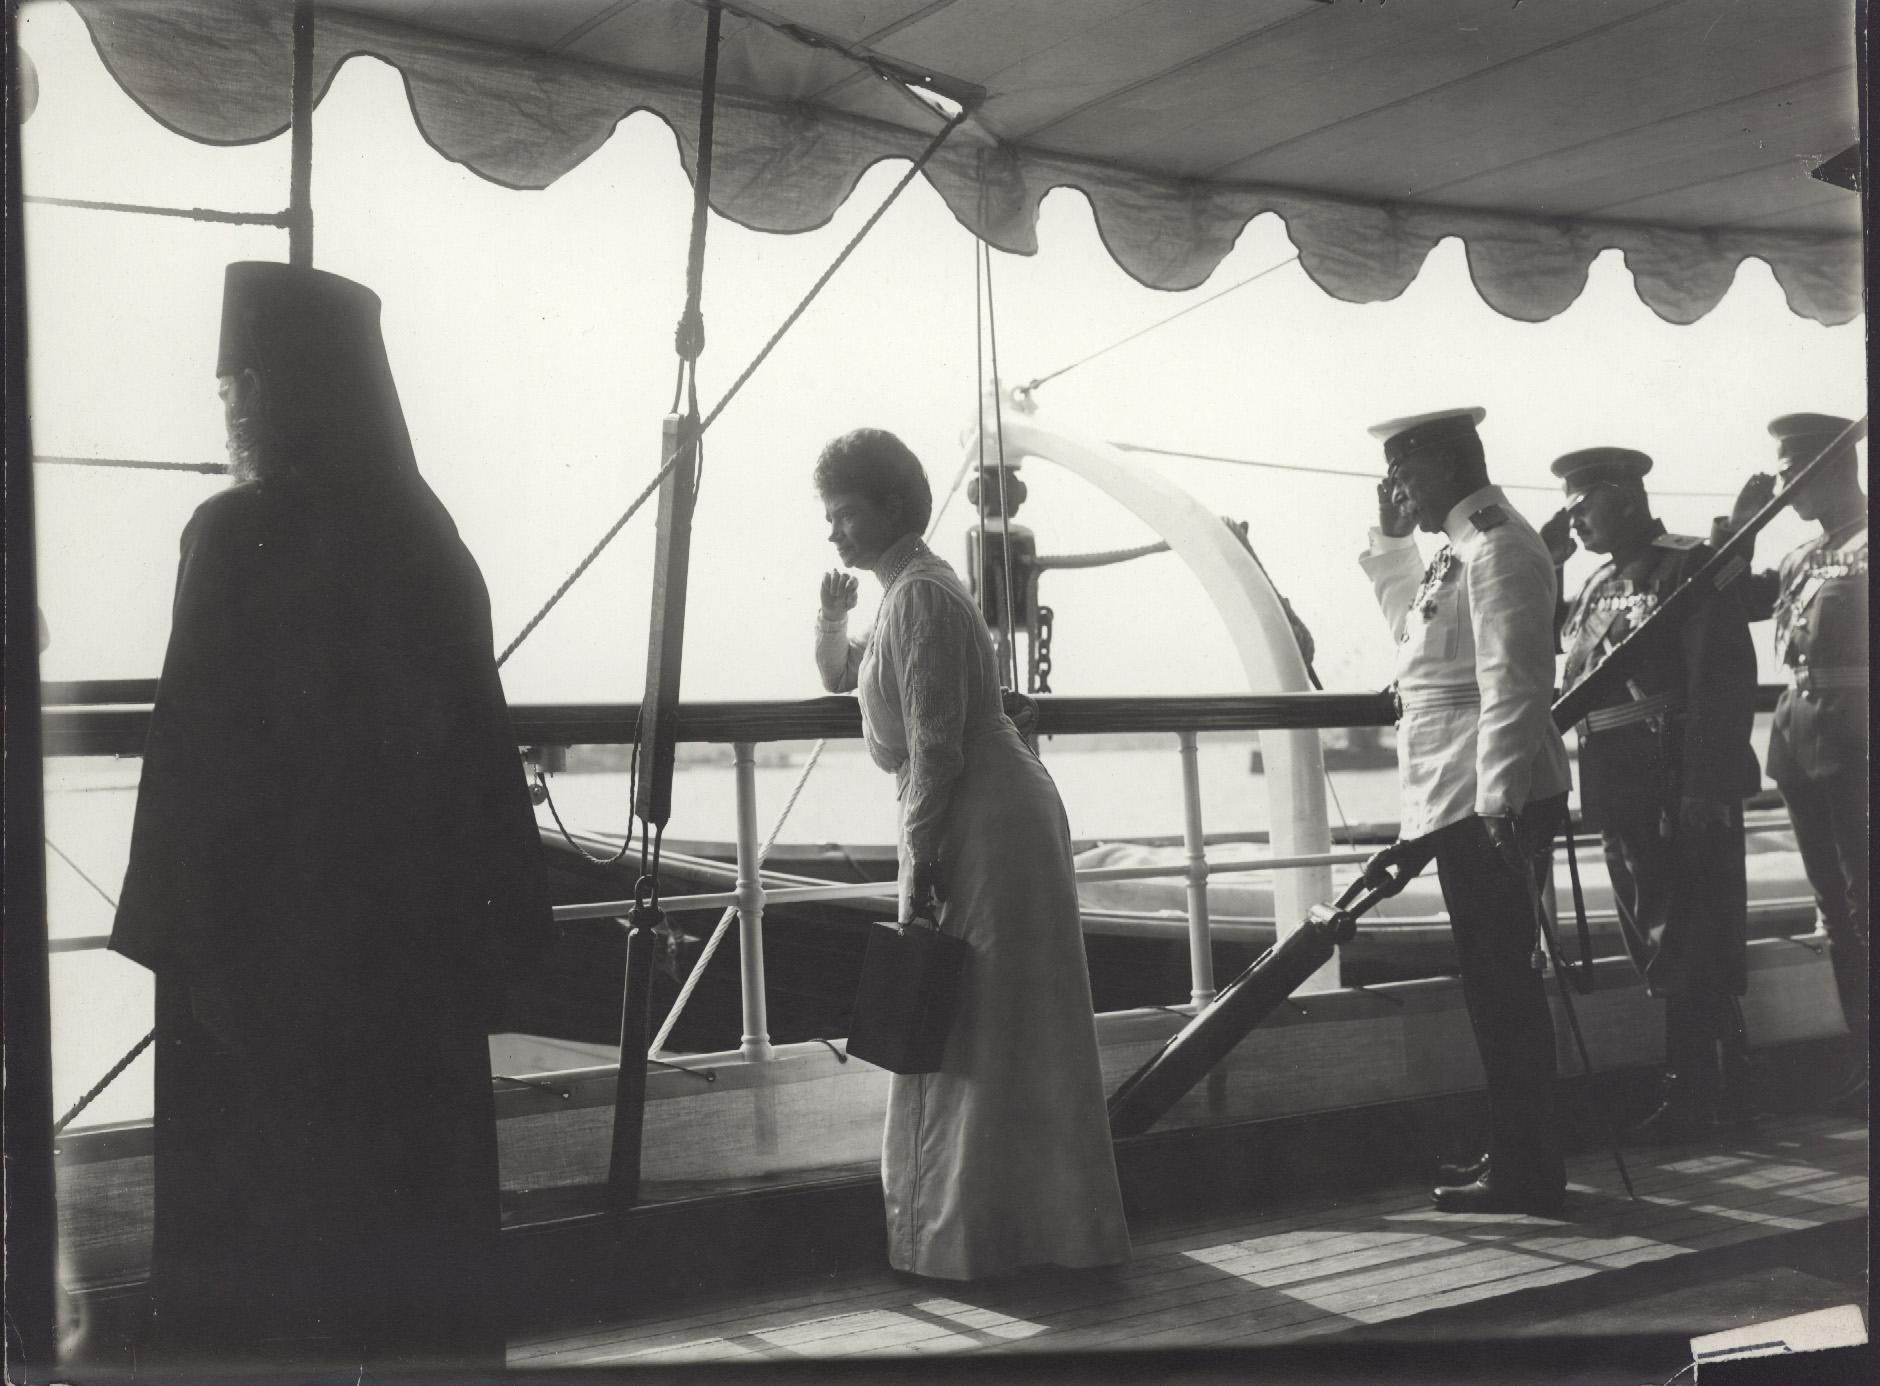 1912. Вдовствующая императрица Мария Фёдоровна на борту яхты «Штандарт» в Шхерах